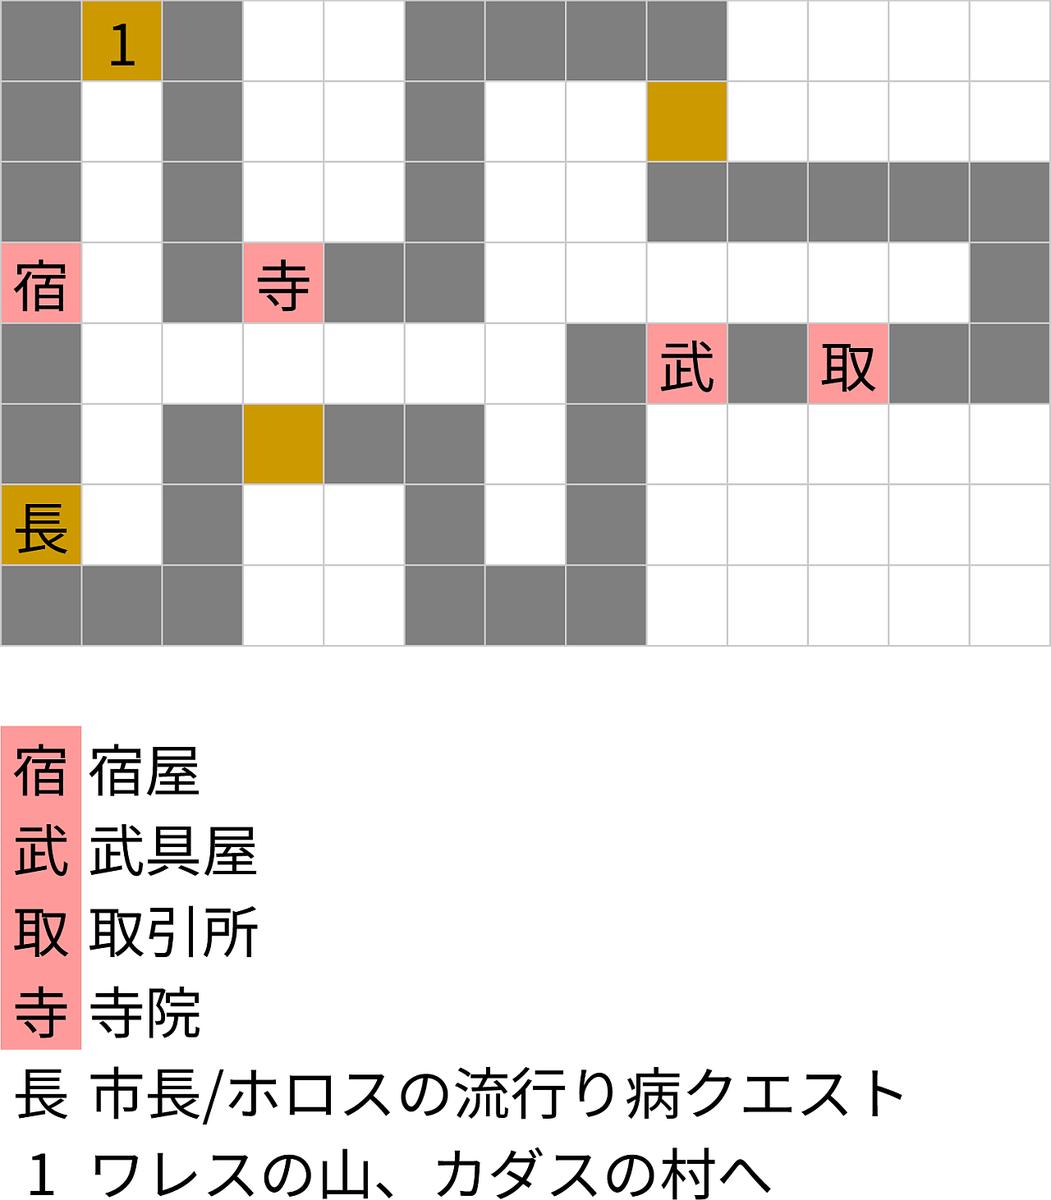 f:id:pongeponge:20201013122704p:plain